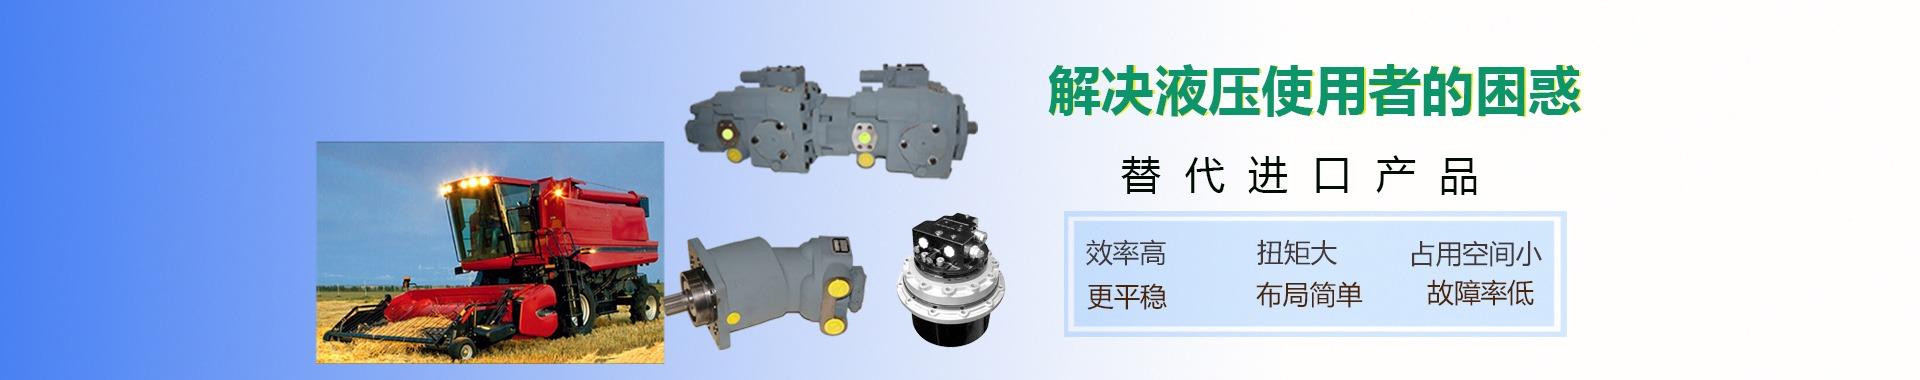 解决液压使用者的困惑,液压系统制造商